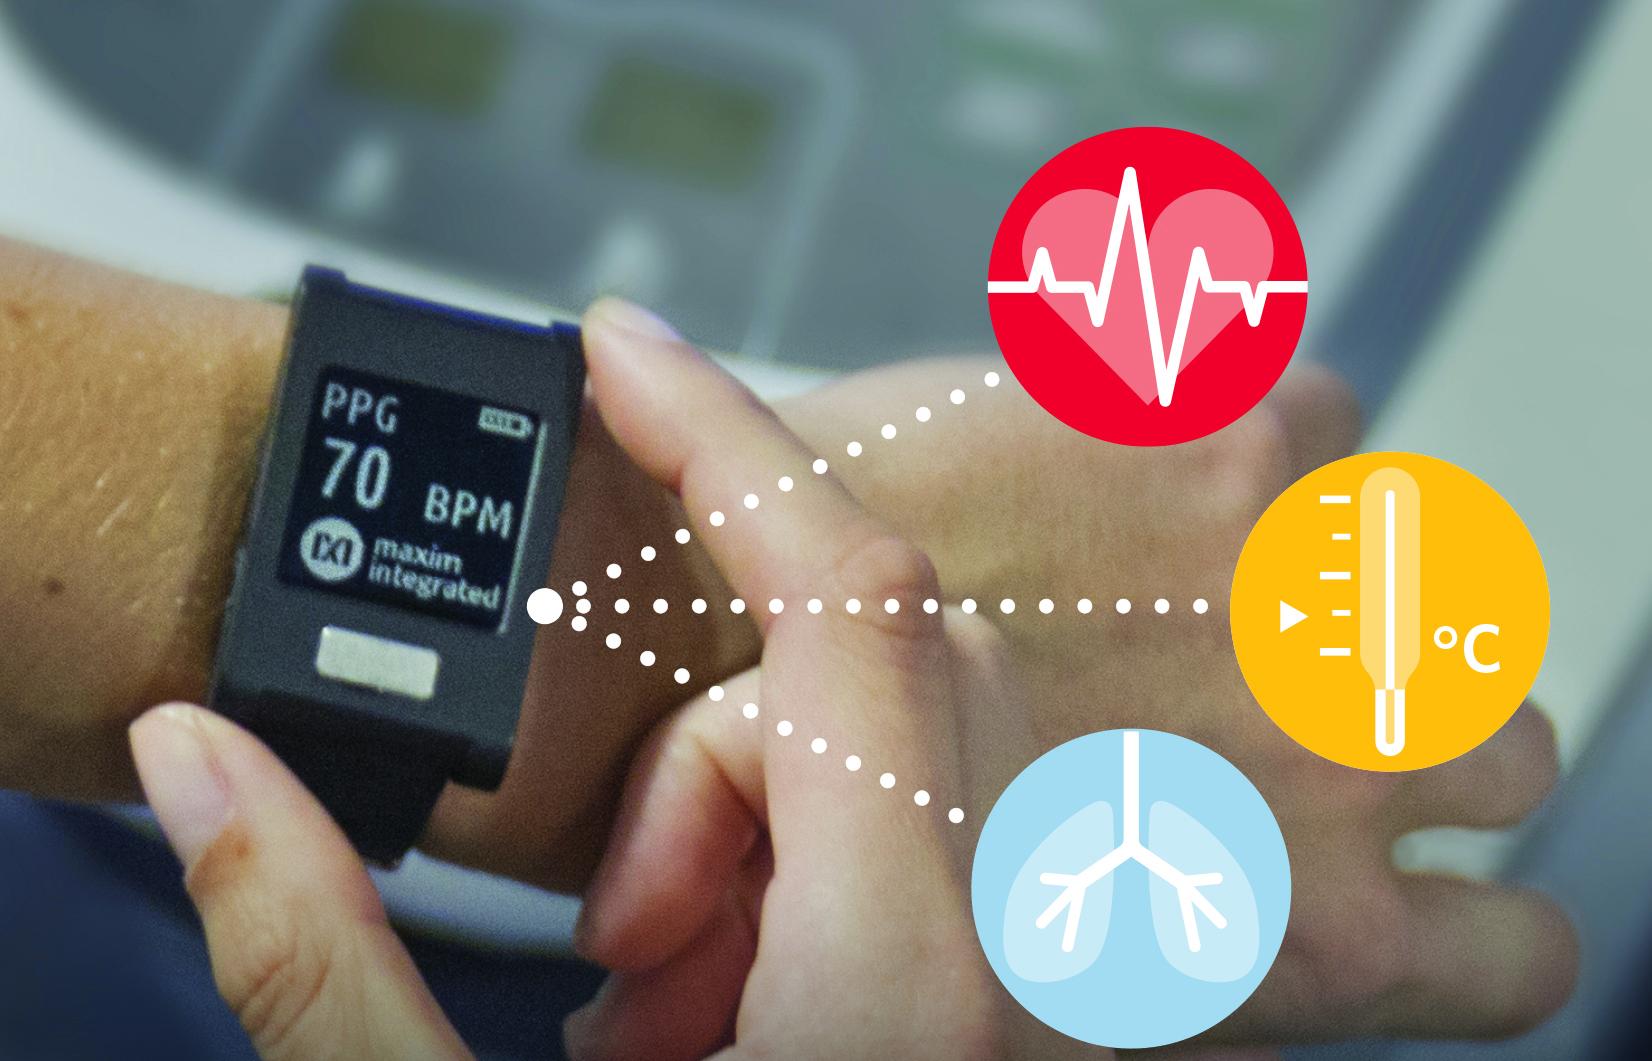 Τεχνολογία Smartwatch: Αποδοτική μέτρηση οξυγόνου στο αίμα